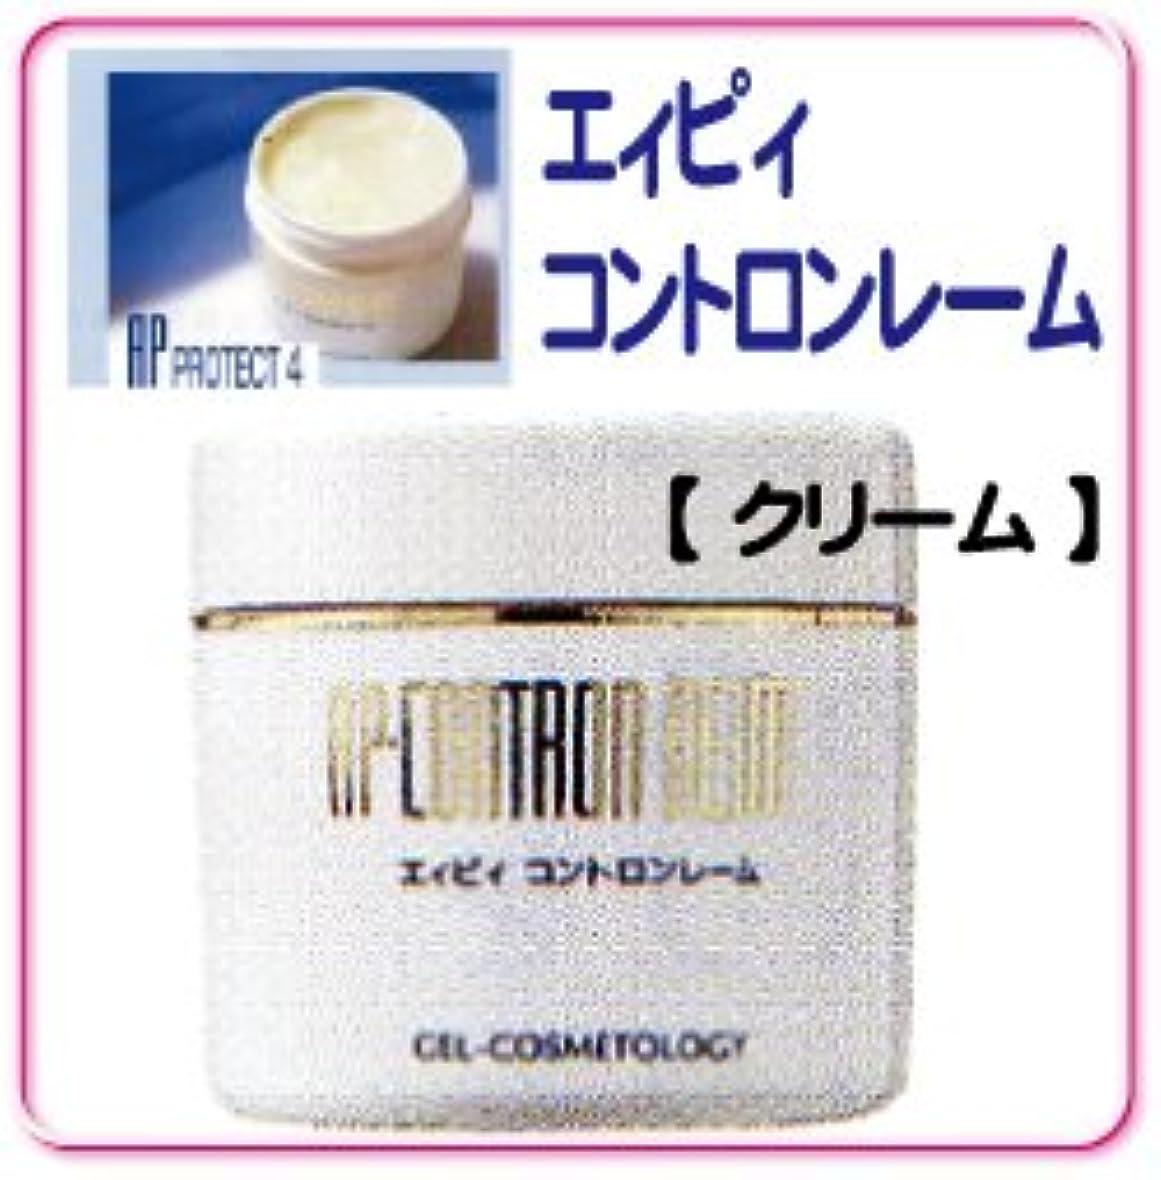 アルバム熟した効果的ベルマン化粧品 APprotectシリーズ  コントロンレーム  敏感肌用クリーム 110g